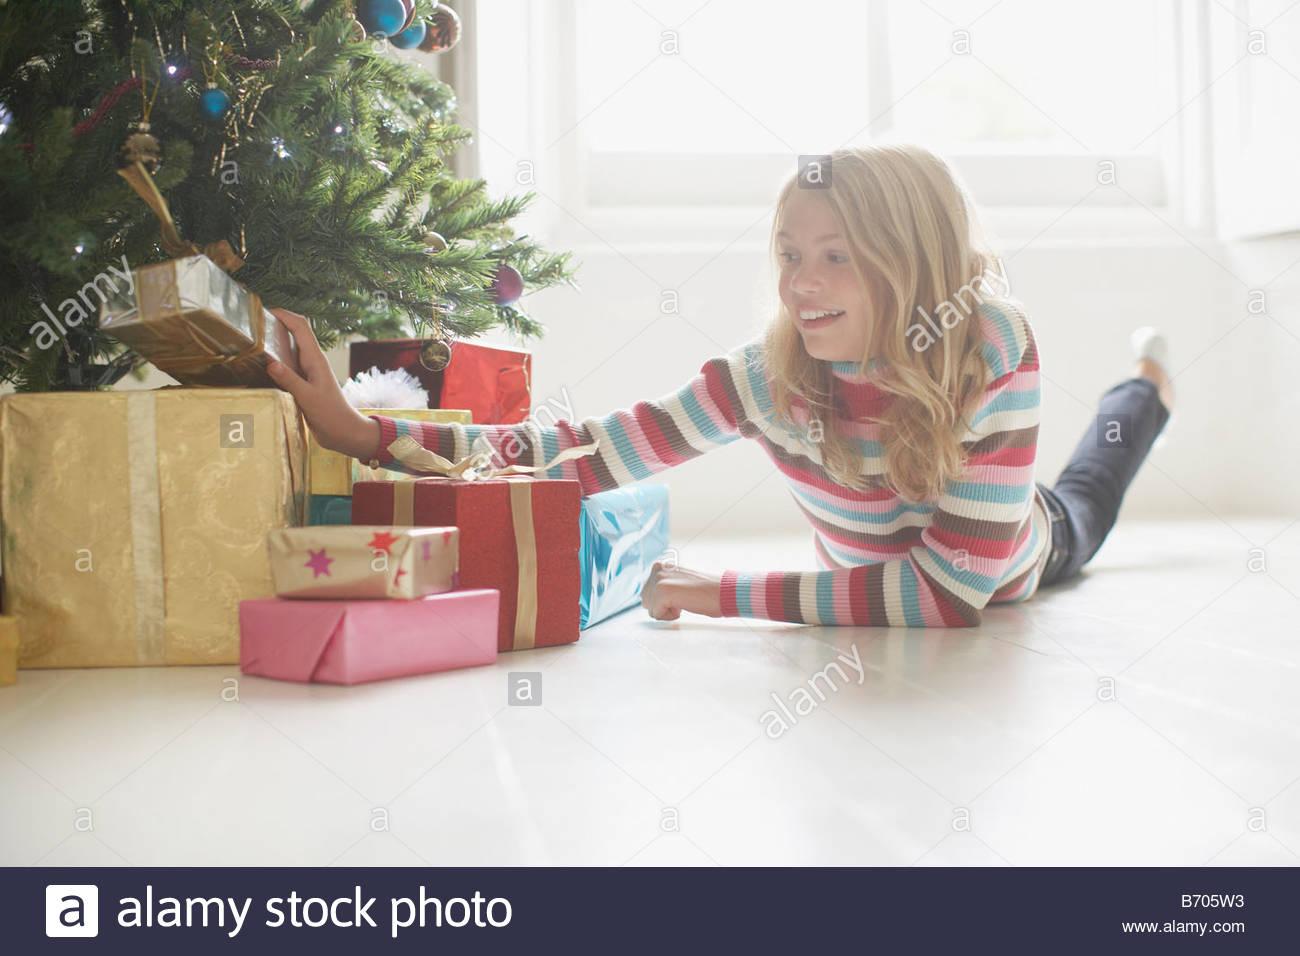 Mädchen auf der Suche auf Weihnachtsgeschenke unter Baum Stockfoto ...